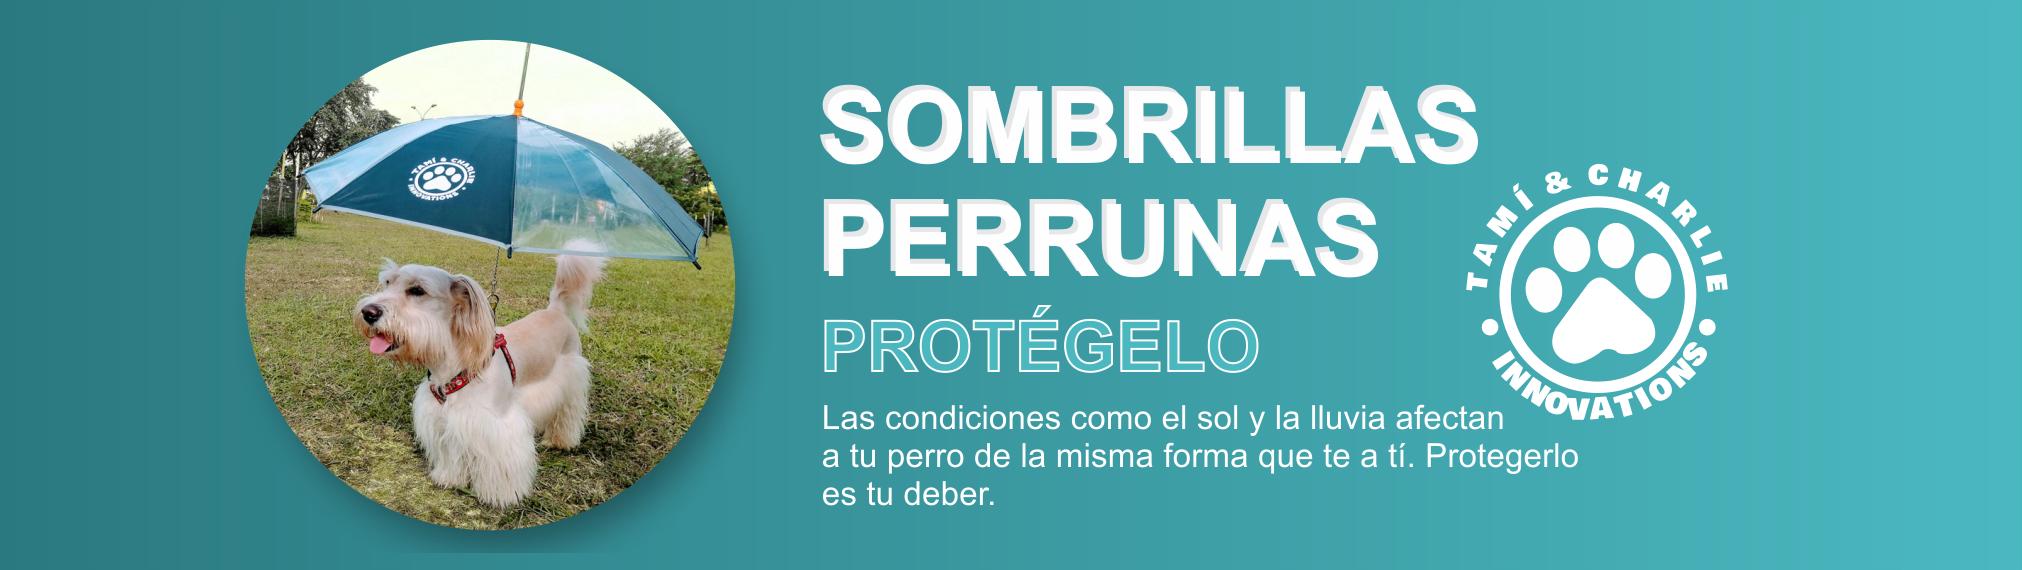 Sombrillas Perrunas - Traemos Innovacion